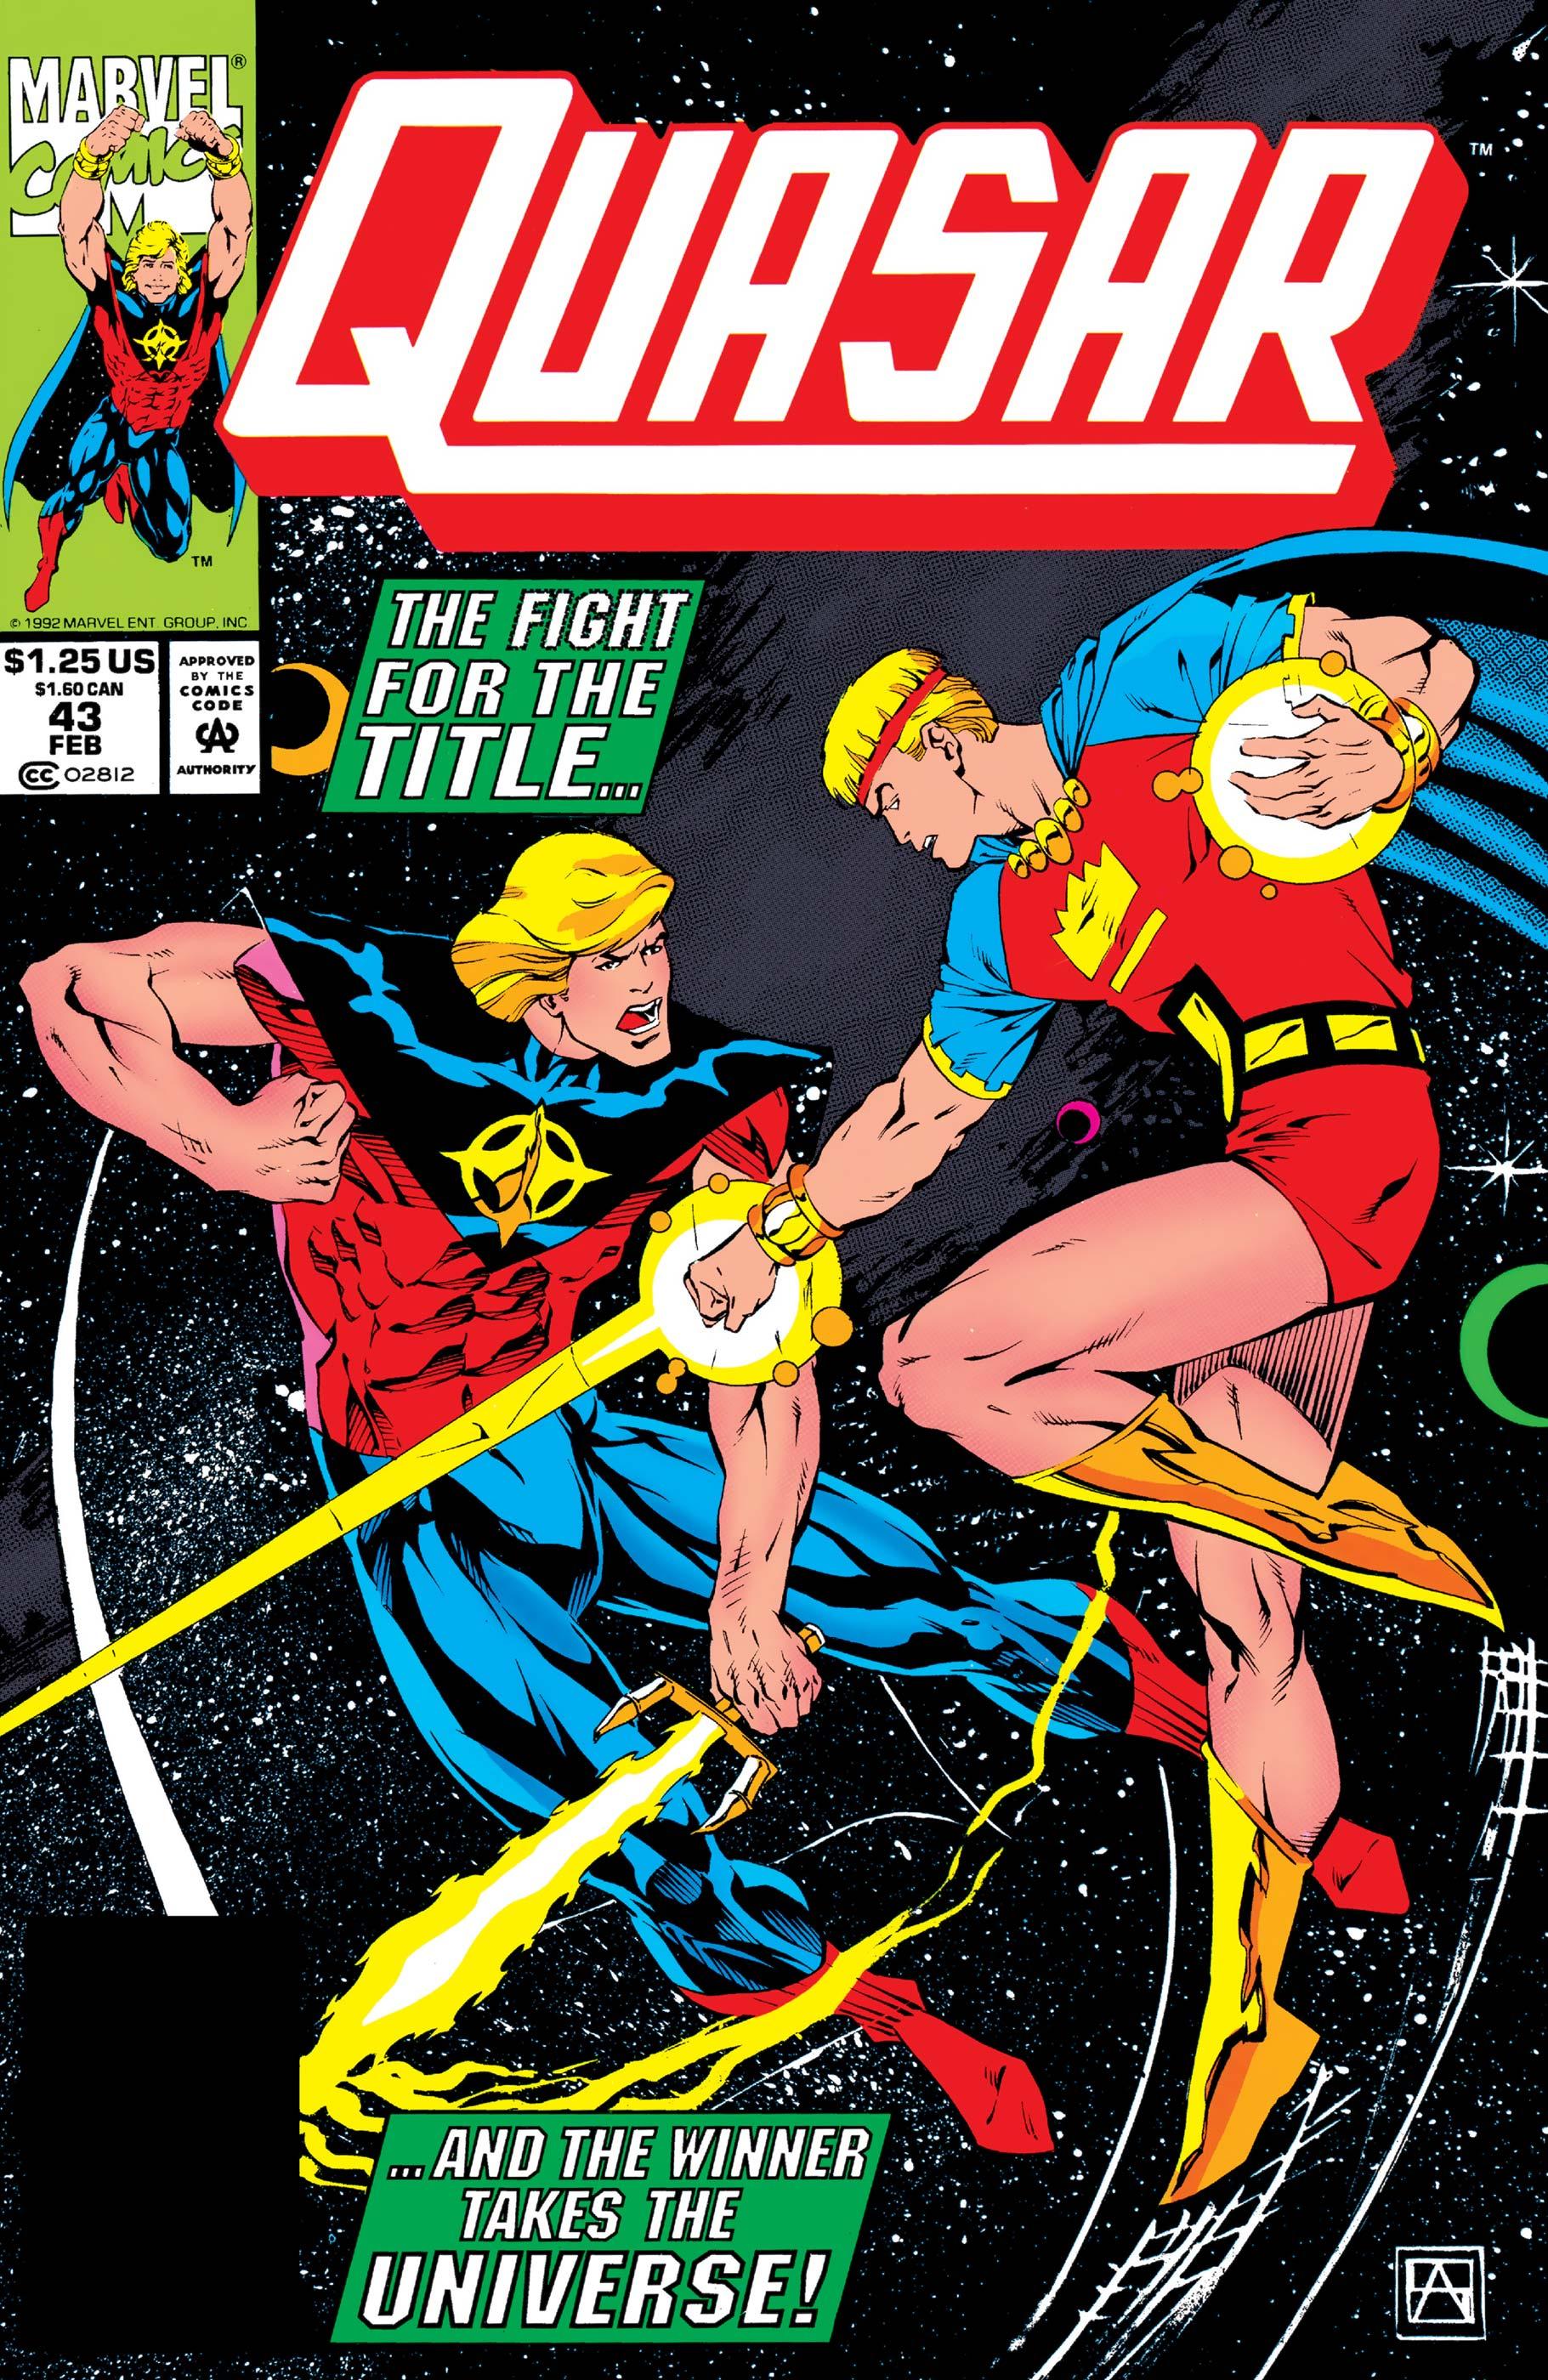 Quasar (1989) #43